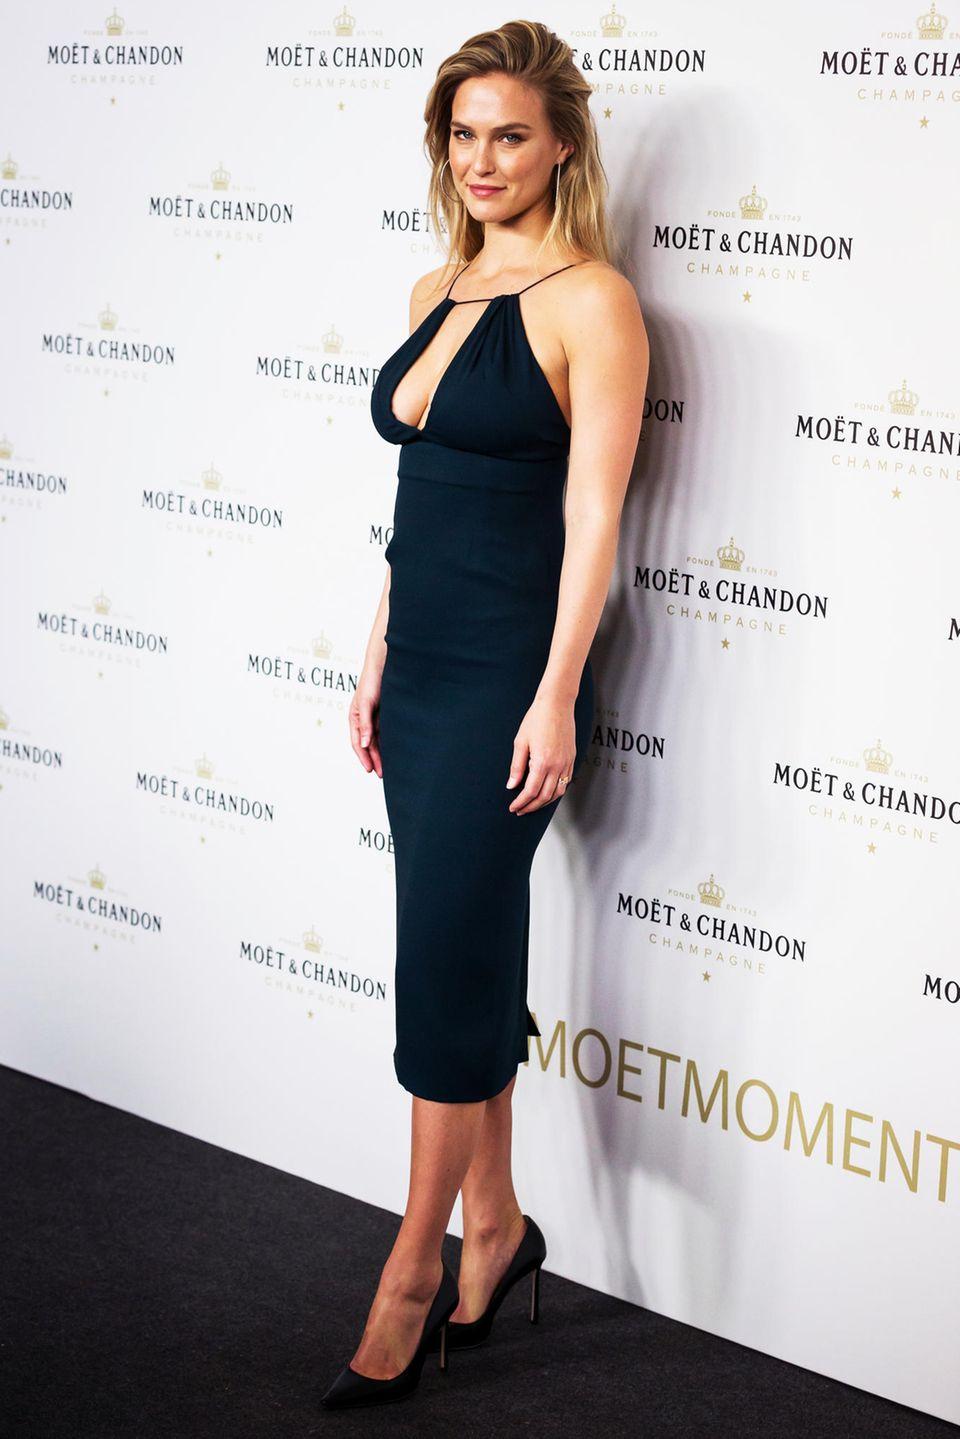 Uns wundert es nicht, dass Topmodel Bar Refaeli insbesondere wegen ihres tollen Körpers, fürDessousmarken wie Victoria's Secret oder Passionata gebucht wird. Das israelische Model soll bei einer Größe von 1,74 Meter Maße von86,5–61–89 mitbringen.